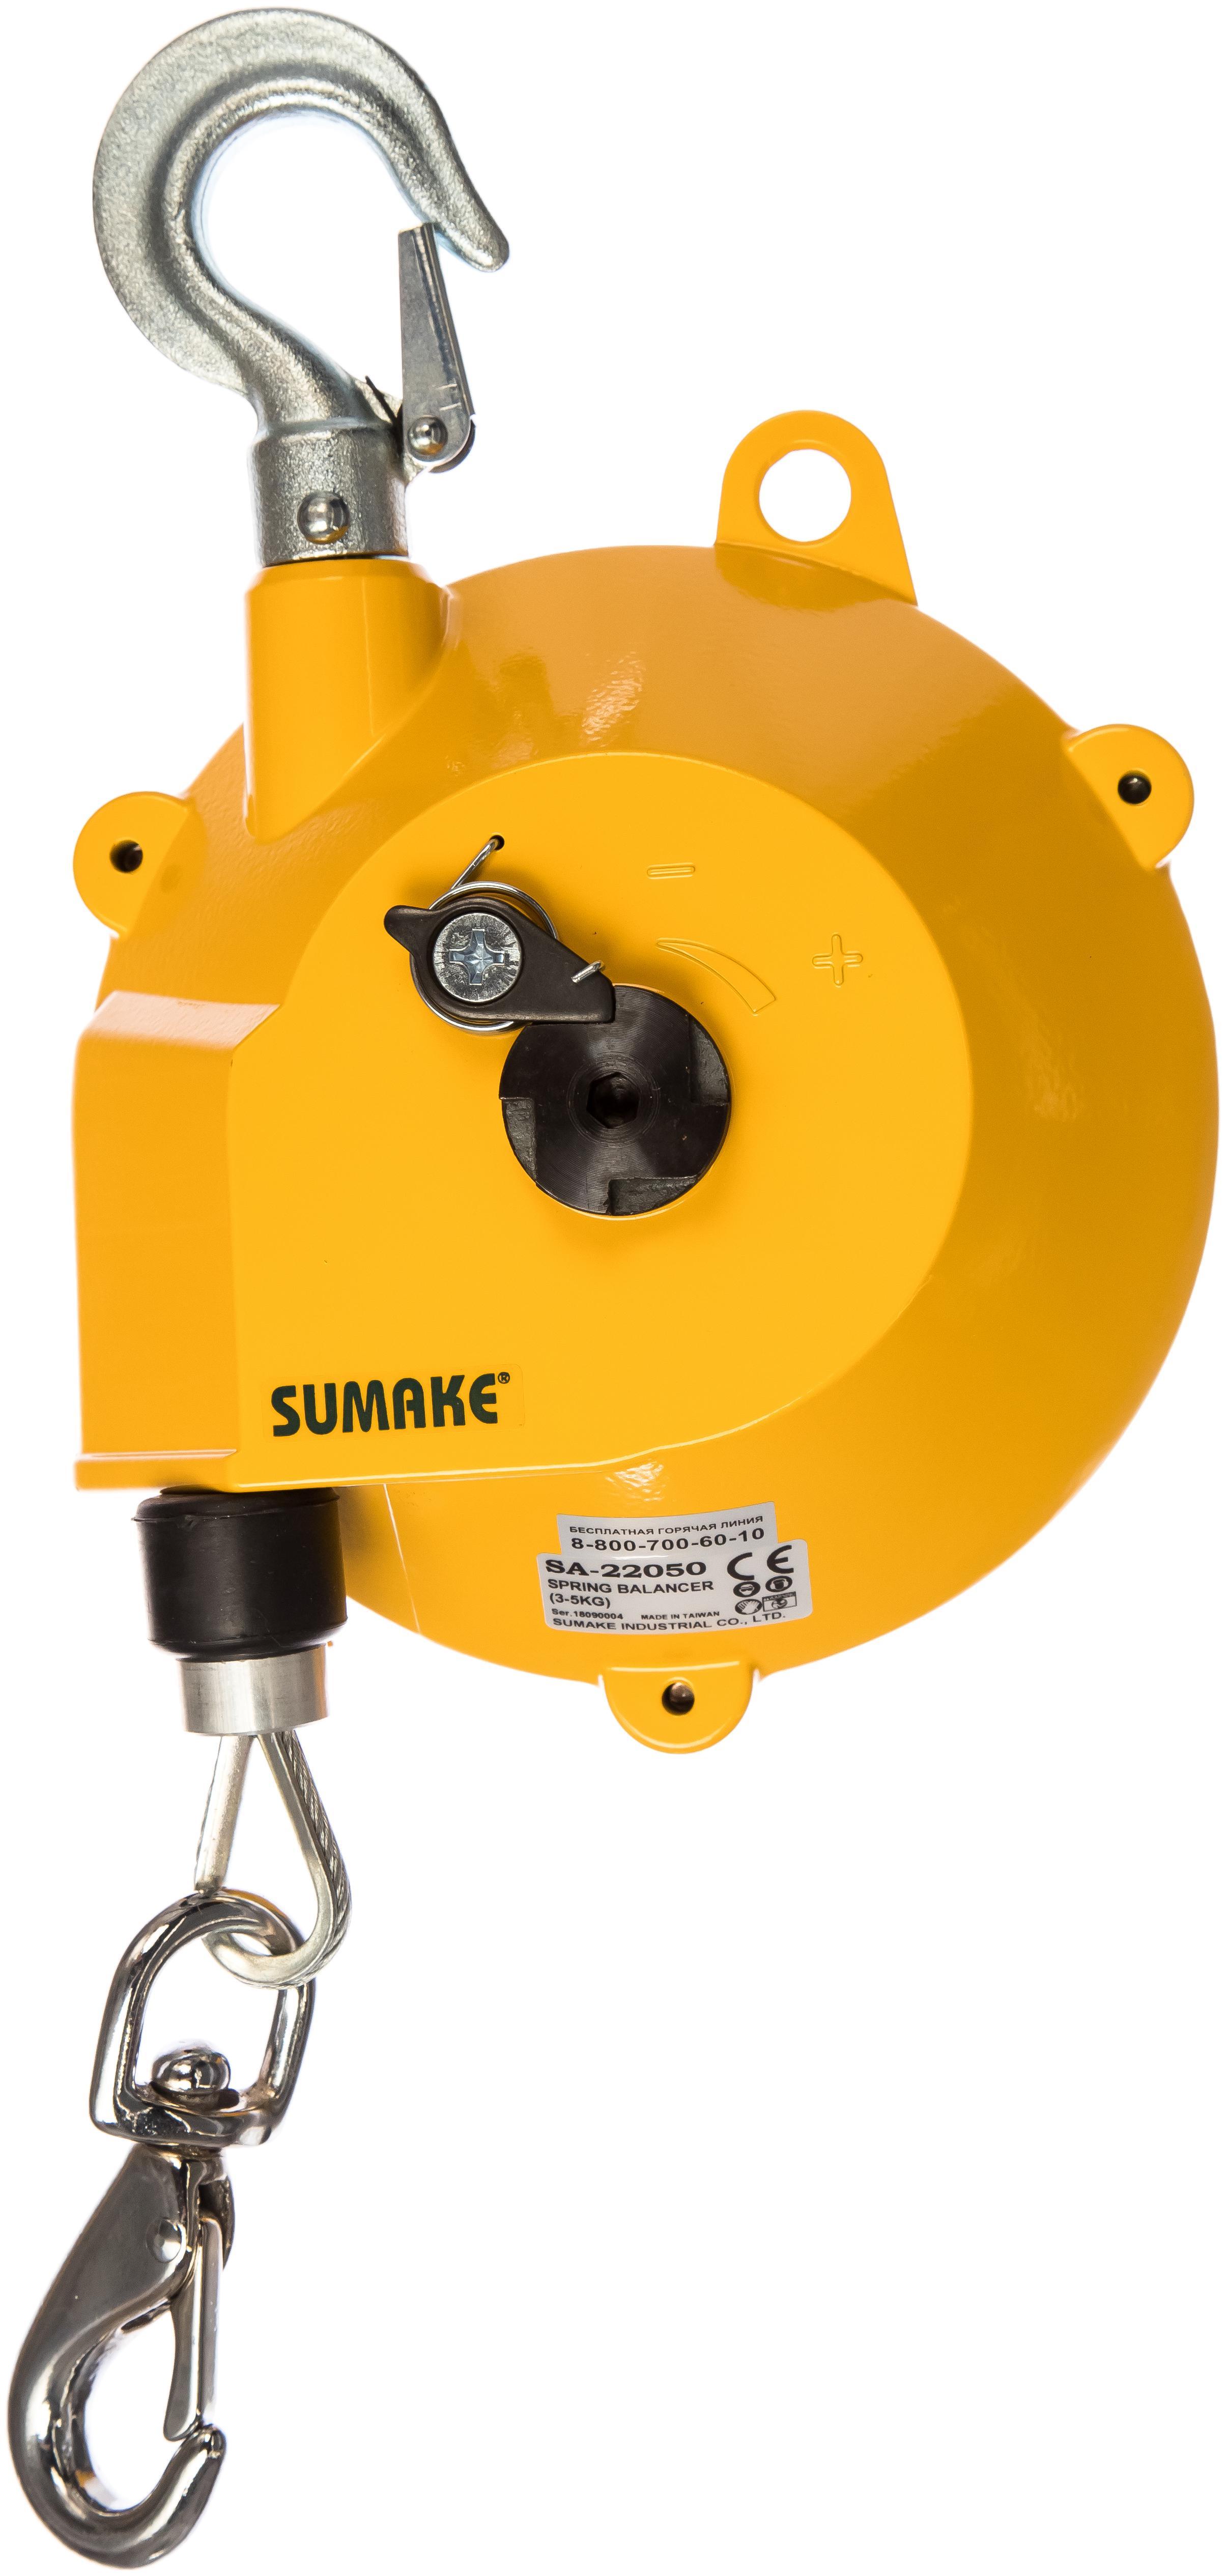 Поддержка Sumake Sa-2205 манометр sumake sa 6605